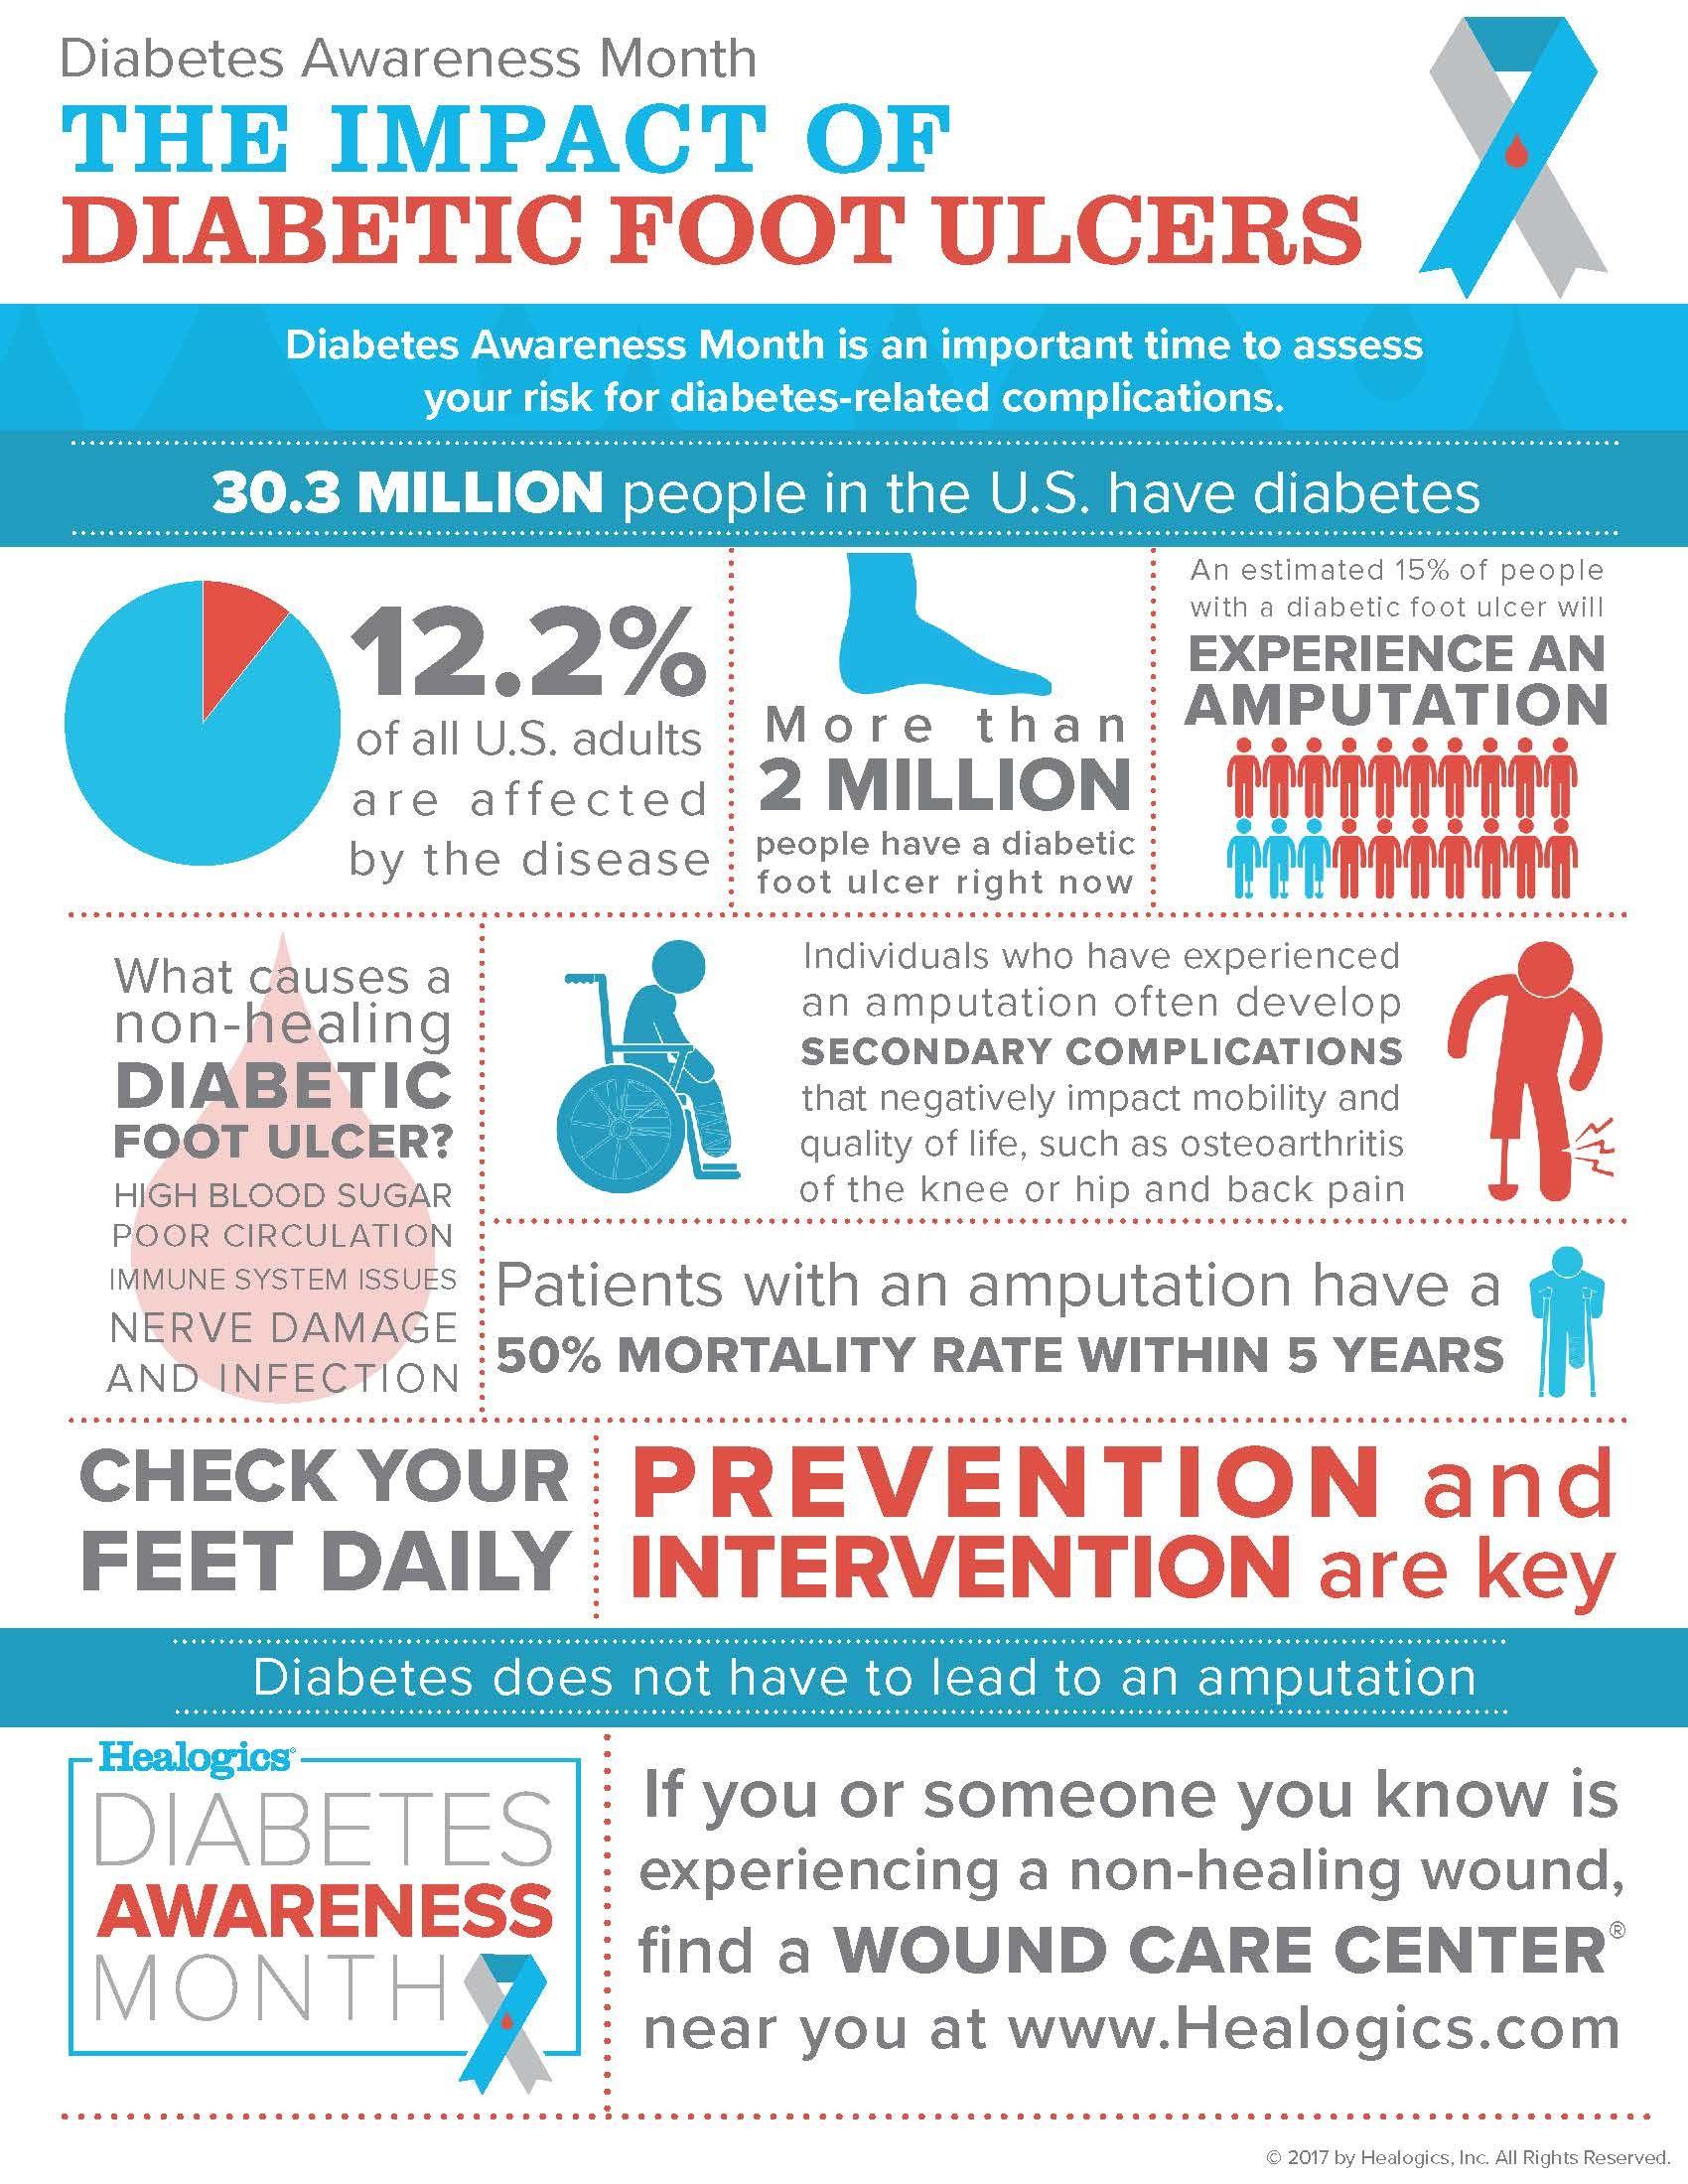 Healogics Diabetes Awareness Month